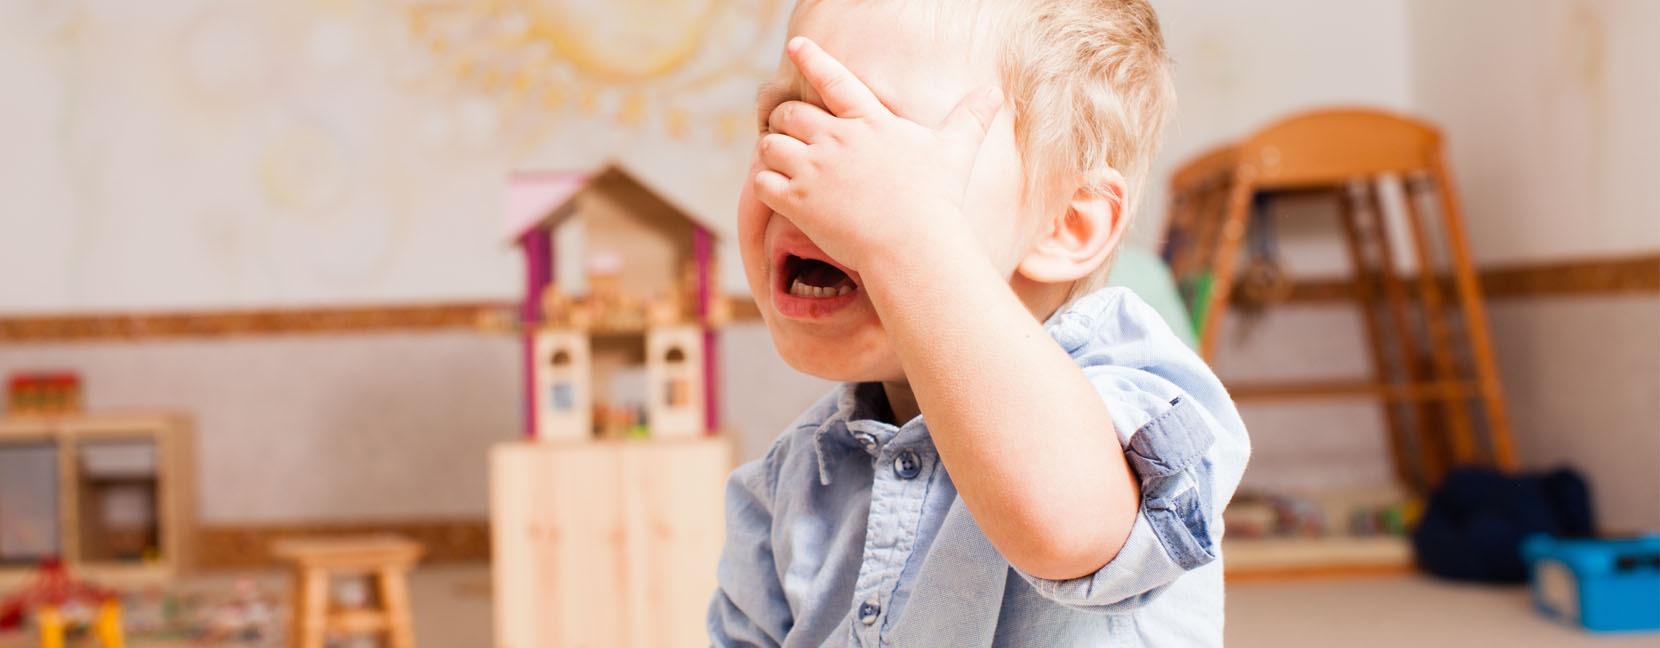 Bambino piccolo che piange tenendo la mano sugli occhi